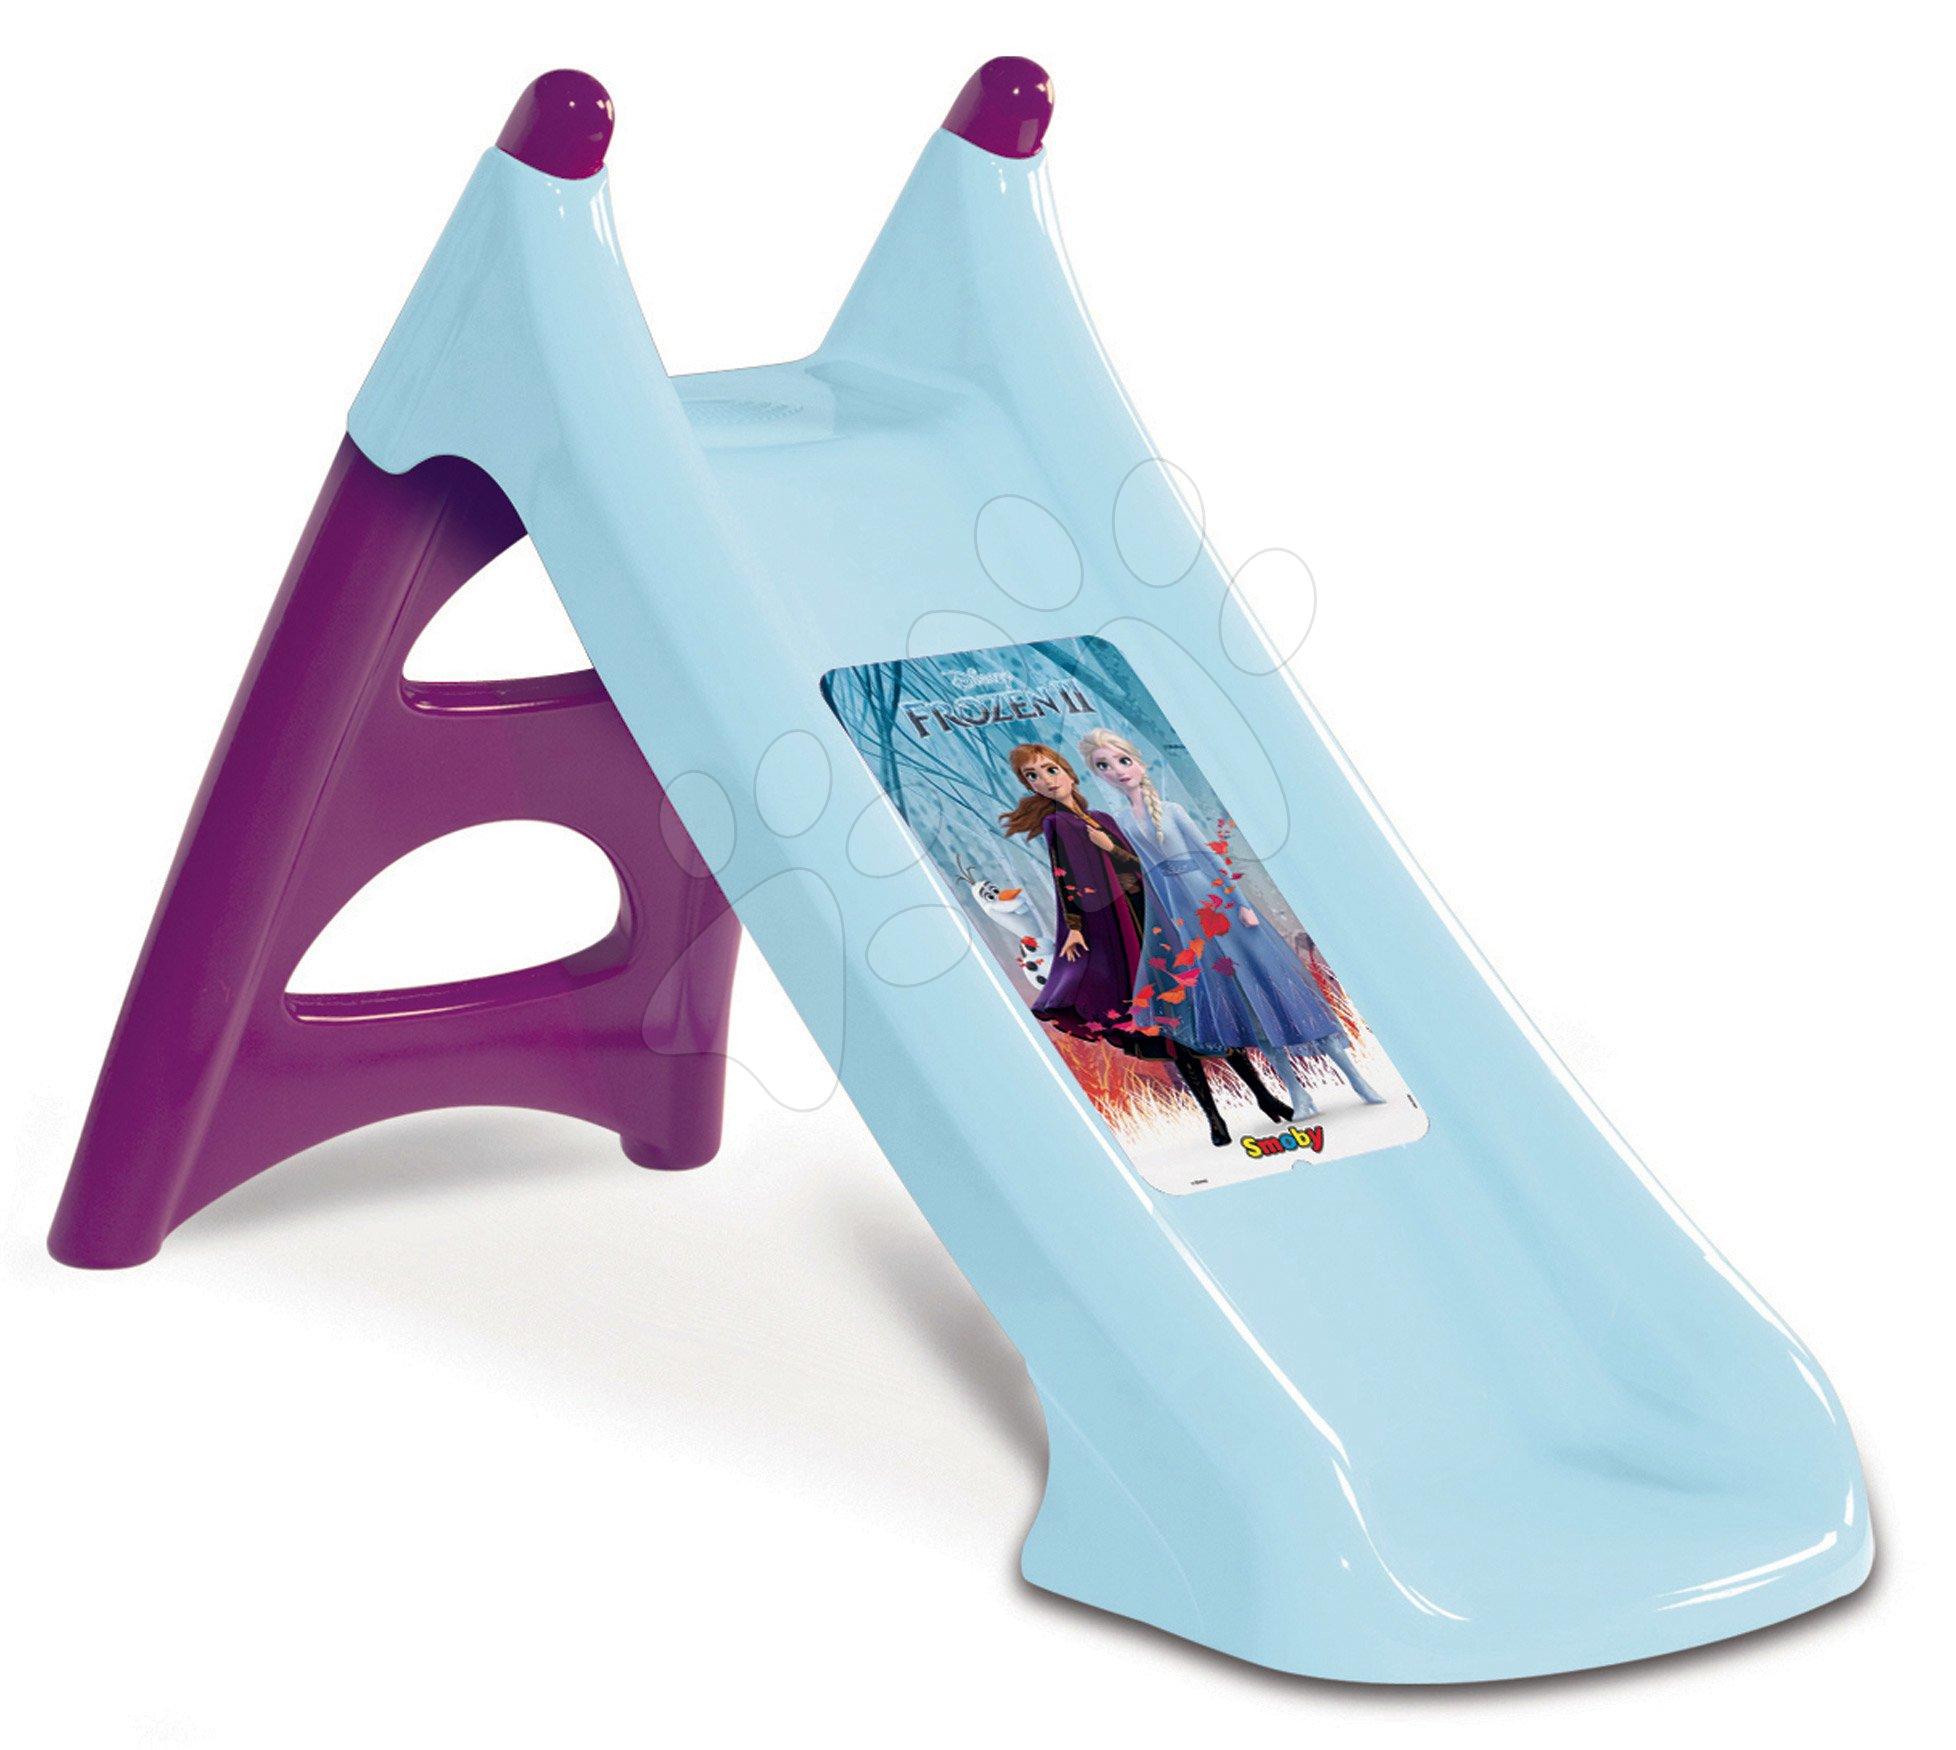 Skluzavka Frozen Disney XS Smoby s vodotryskem, 90cm plocha na klouzání od 2 let